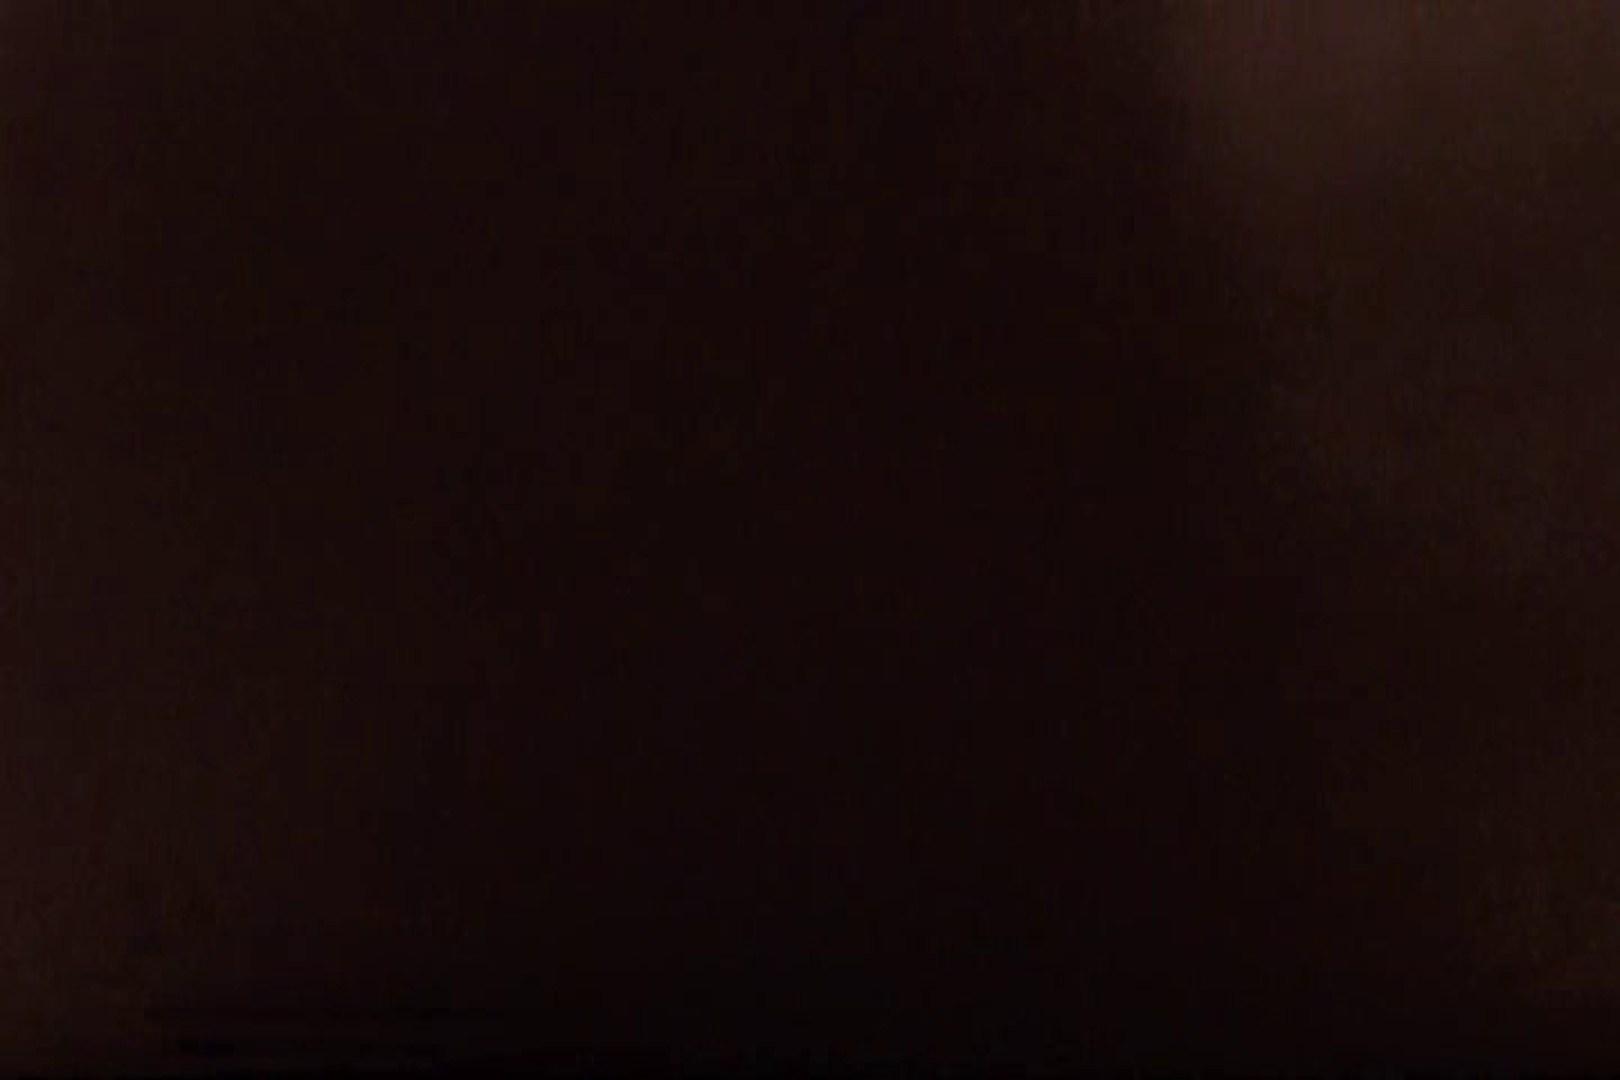 独占配信! ●罪証拠DVD 起きません! vol.06 悪戯  96PIX 51